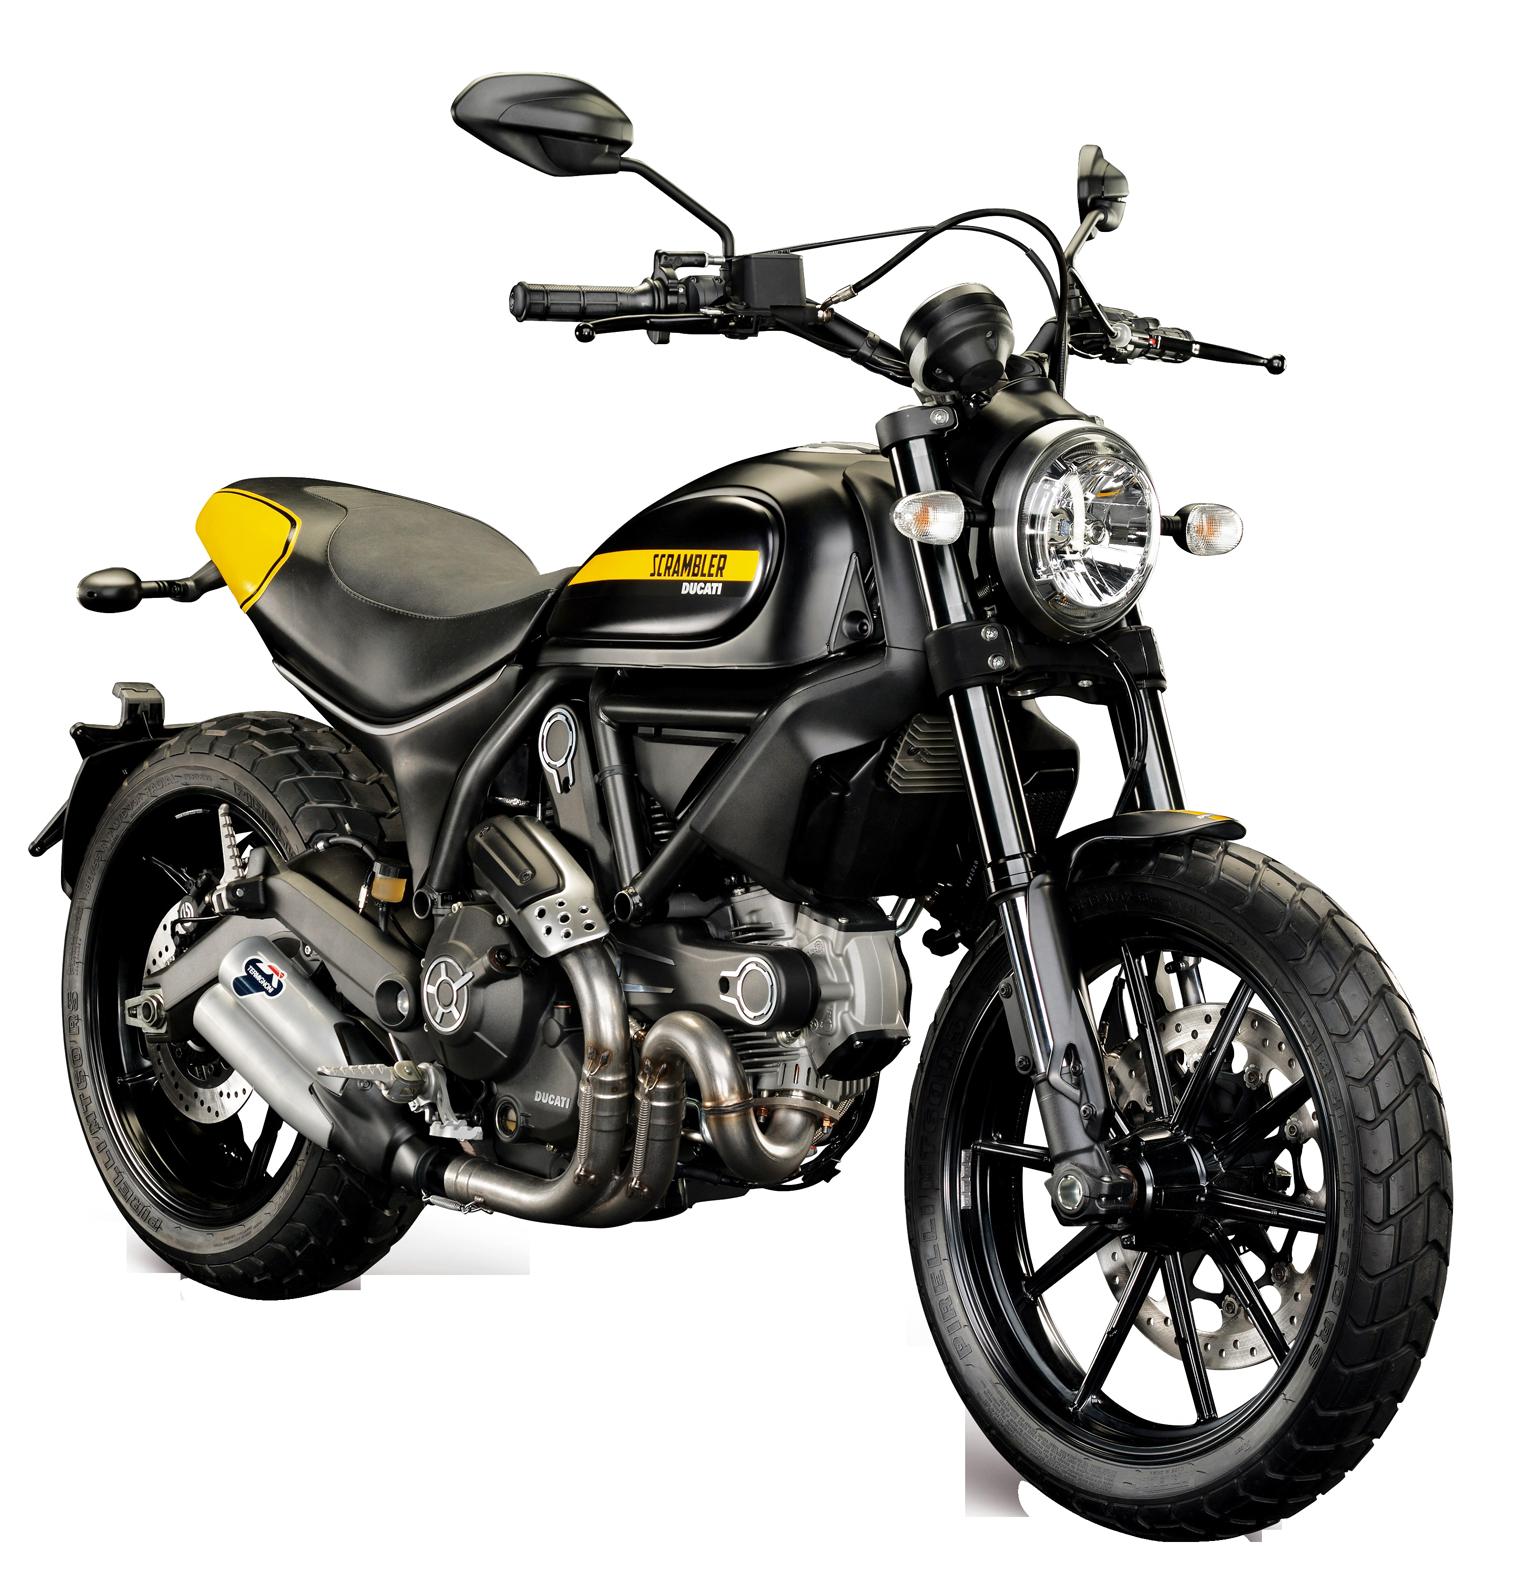 Ducati scrambler bike png. Motorcycle clipart motor bicycle